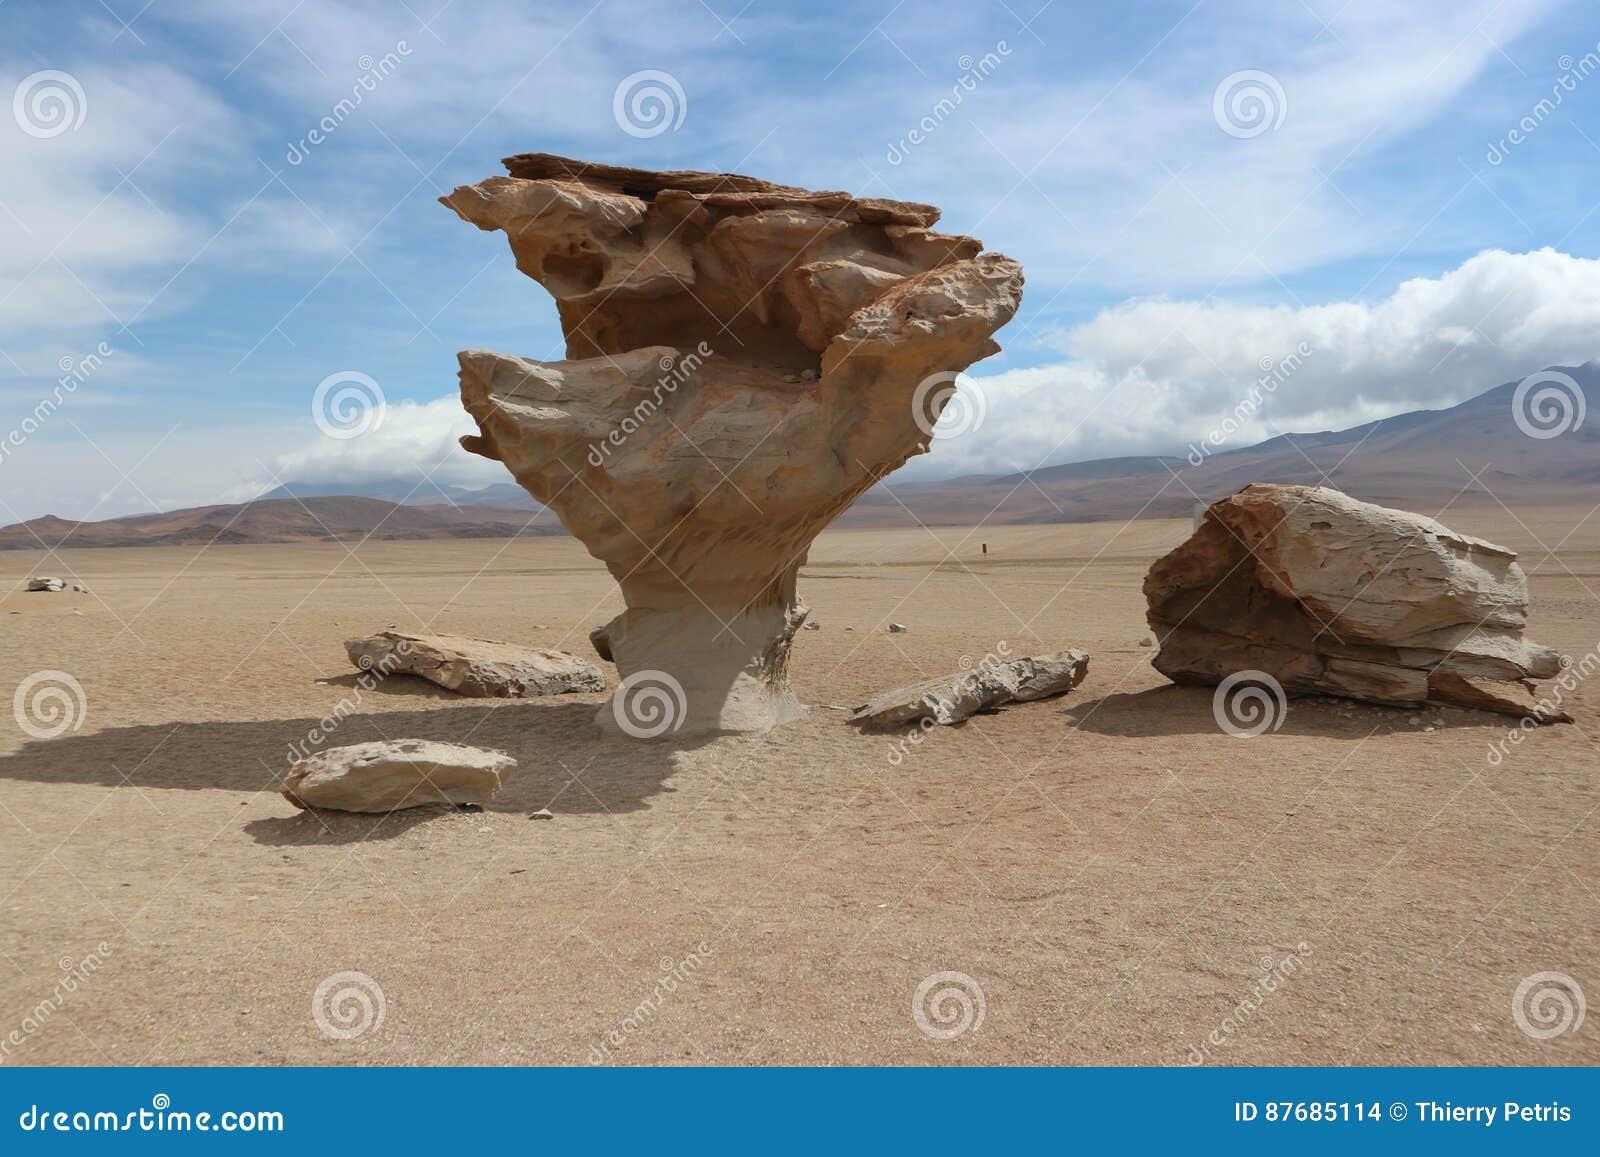 Arbol DE Piedra, Atacama-Woestijn - Steenboom